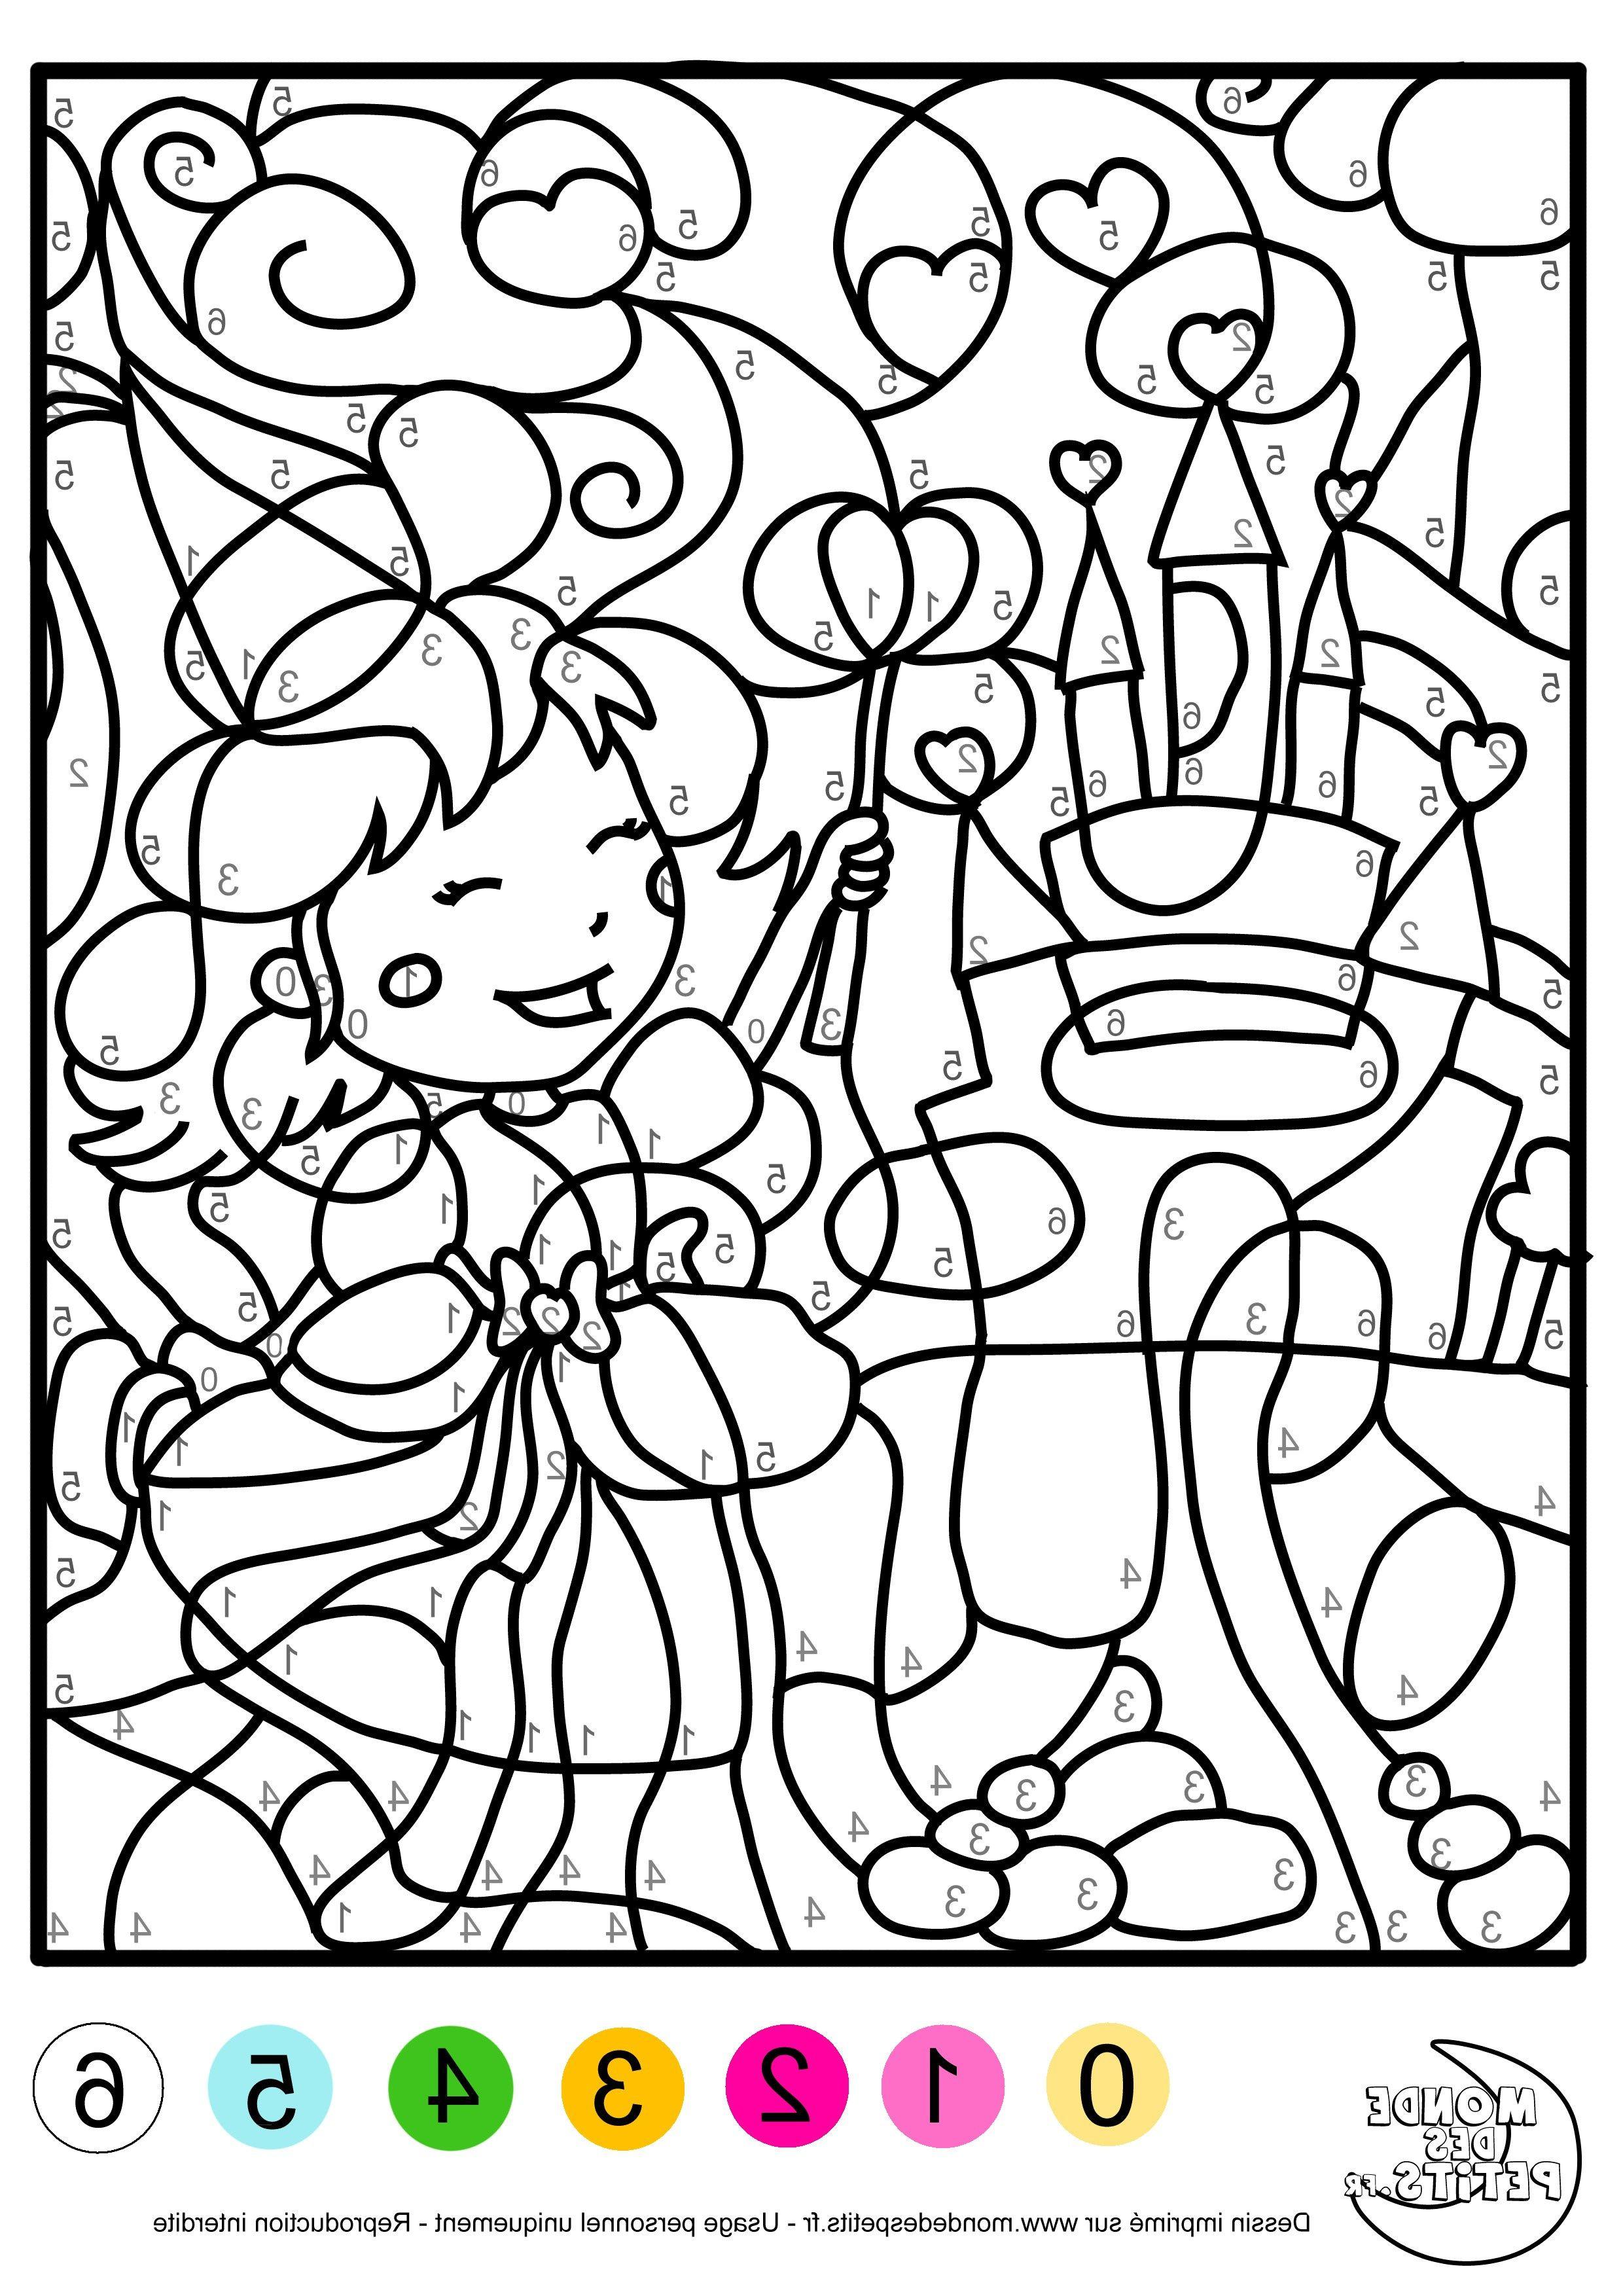 14 Creatif Coloriage Enfant 5 Ans Image Coloriage Enfant Coloriage Coloriage Gratuit